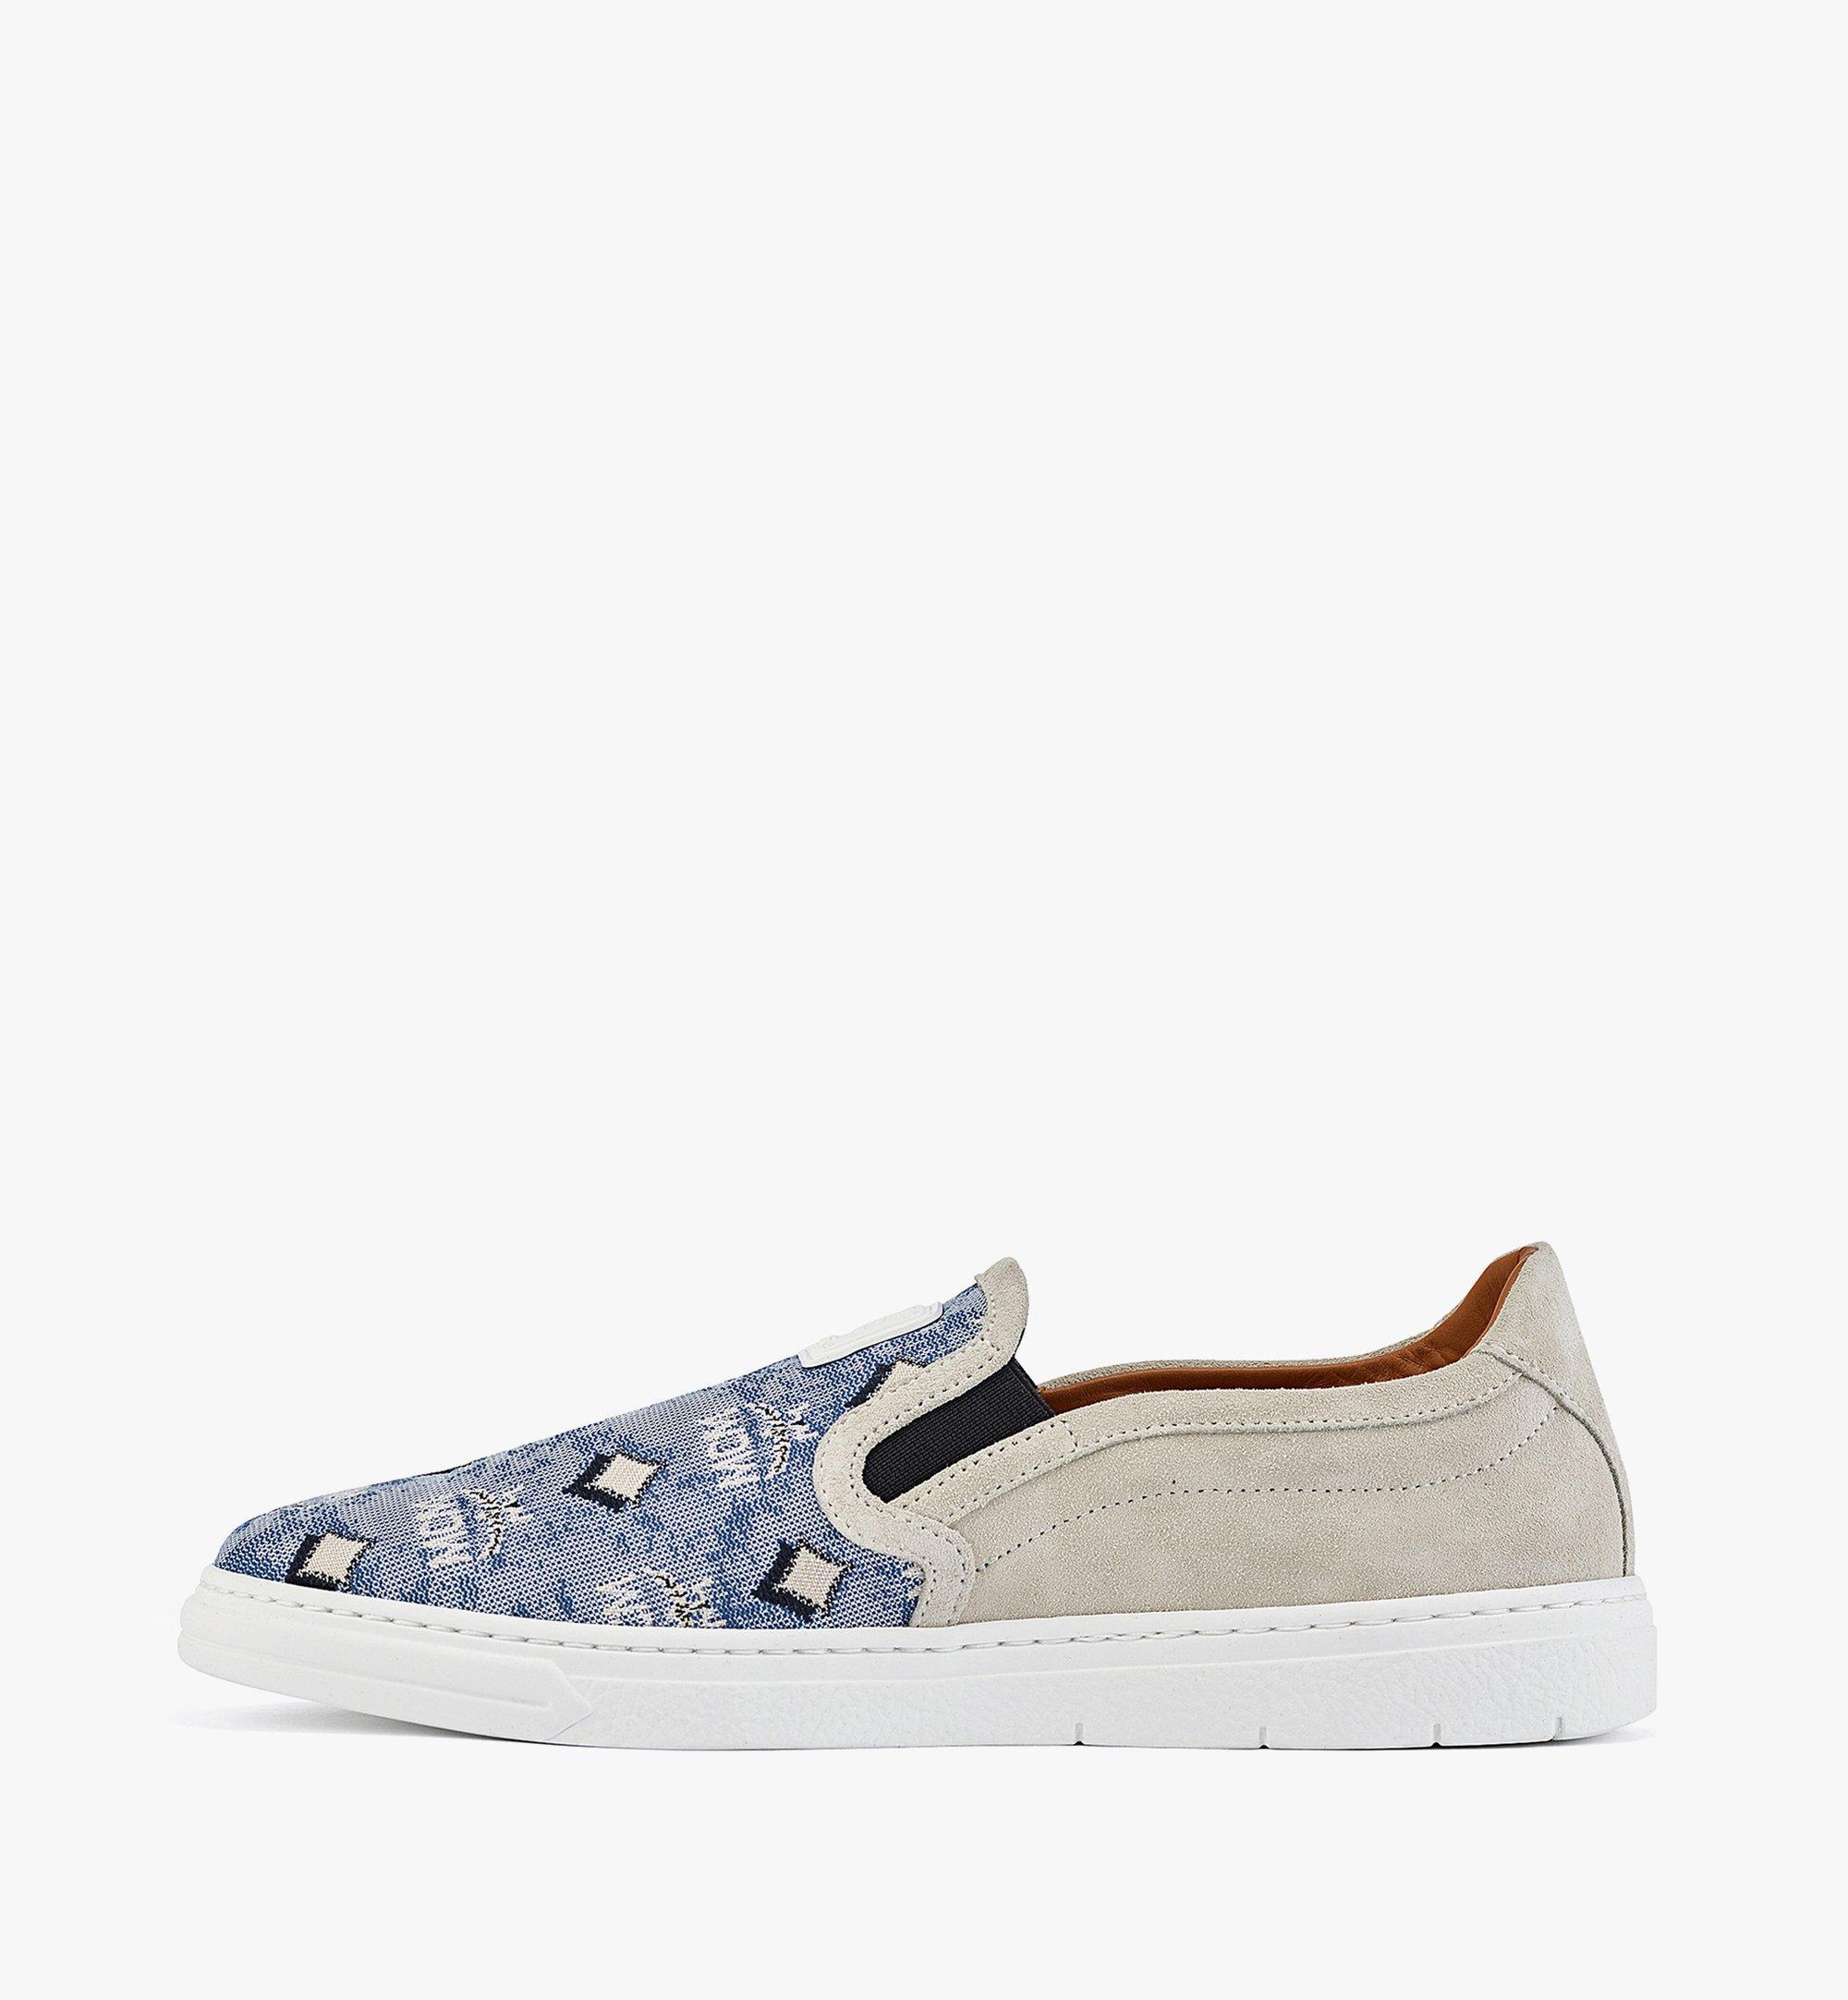 MCM Women's Slip-on Sneakers in Vintage Jacquard Monogram Blue MESBATQ05LU036 Alternate View 1